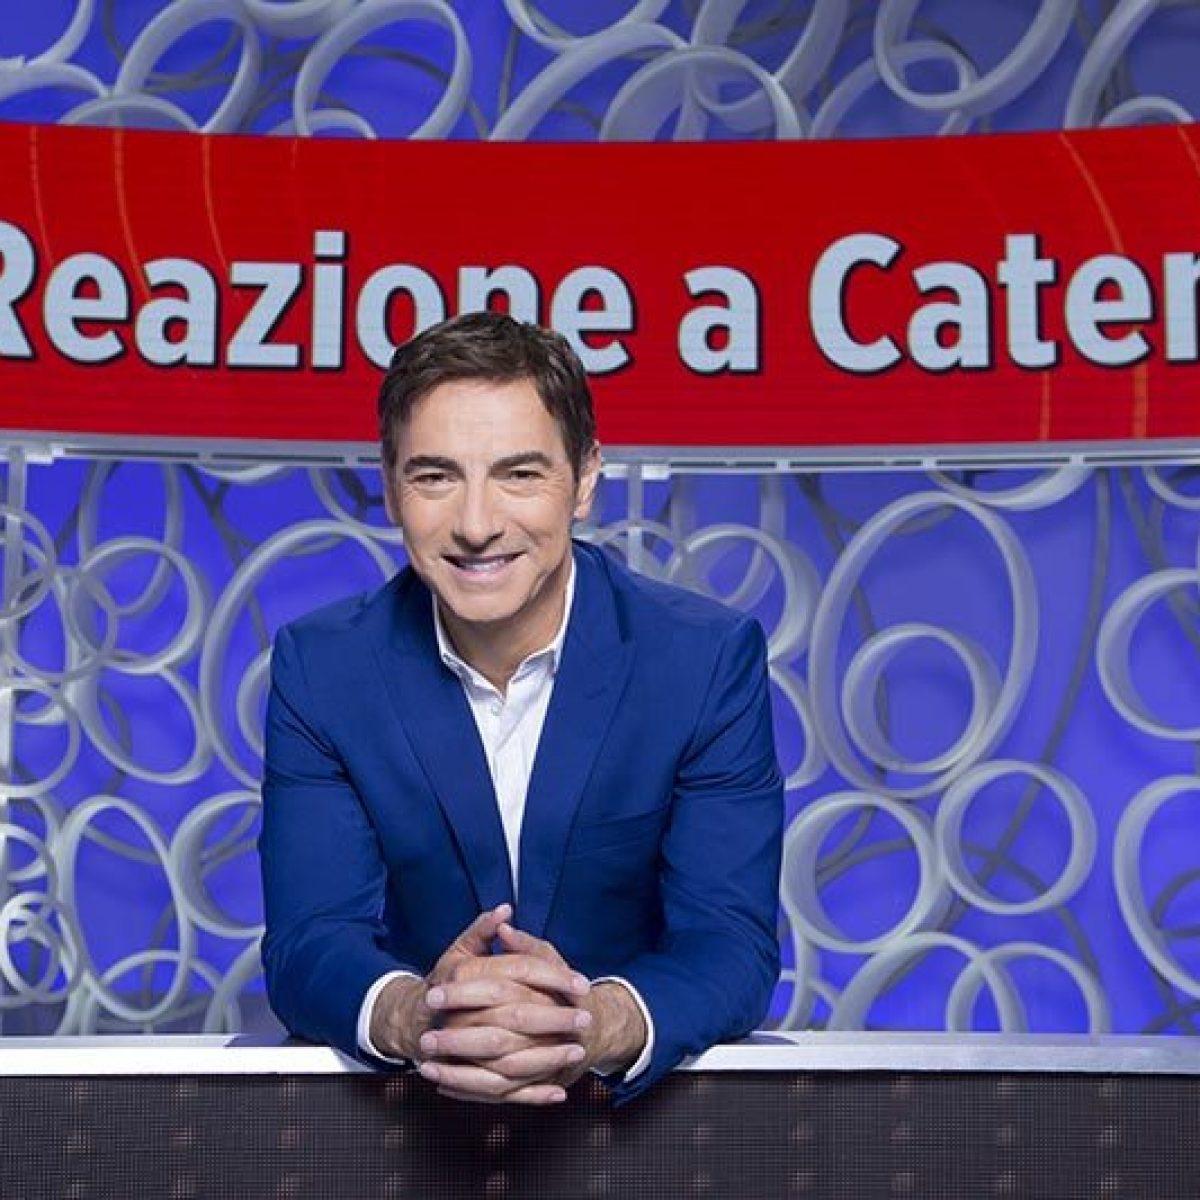 Marco Liorni, compleanno speciale: la sorpresa nello studio di Reazione a Catena